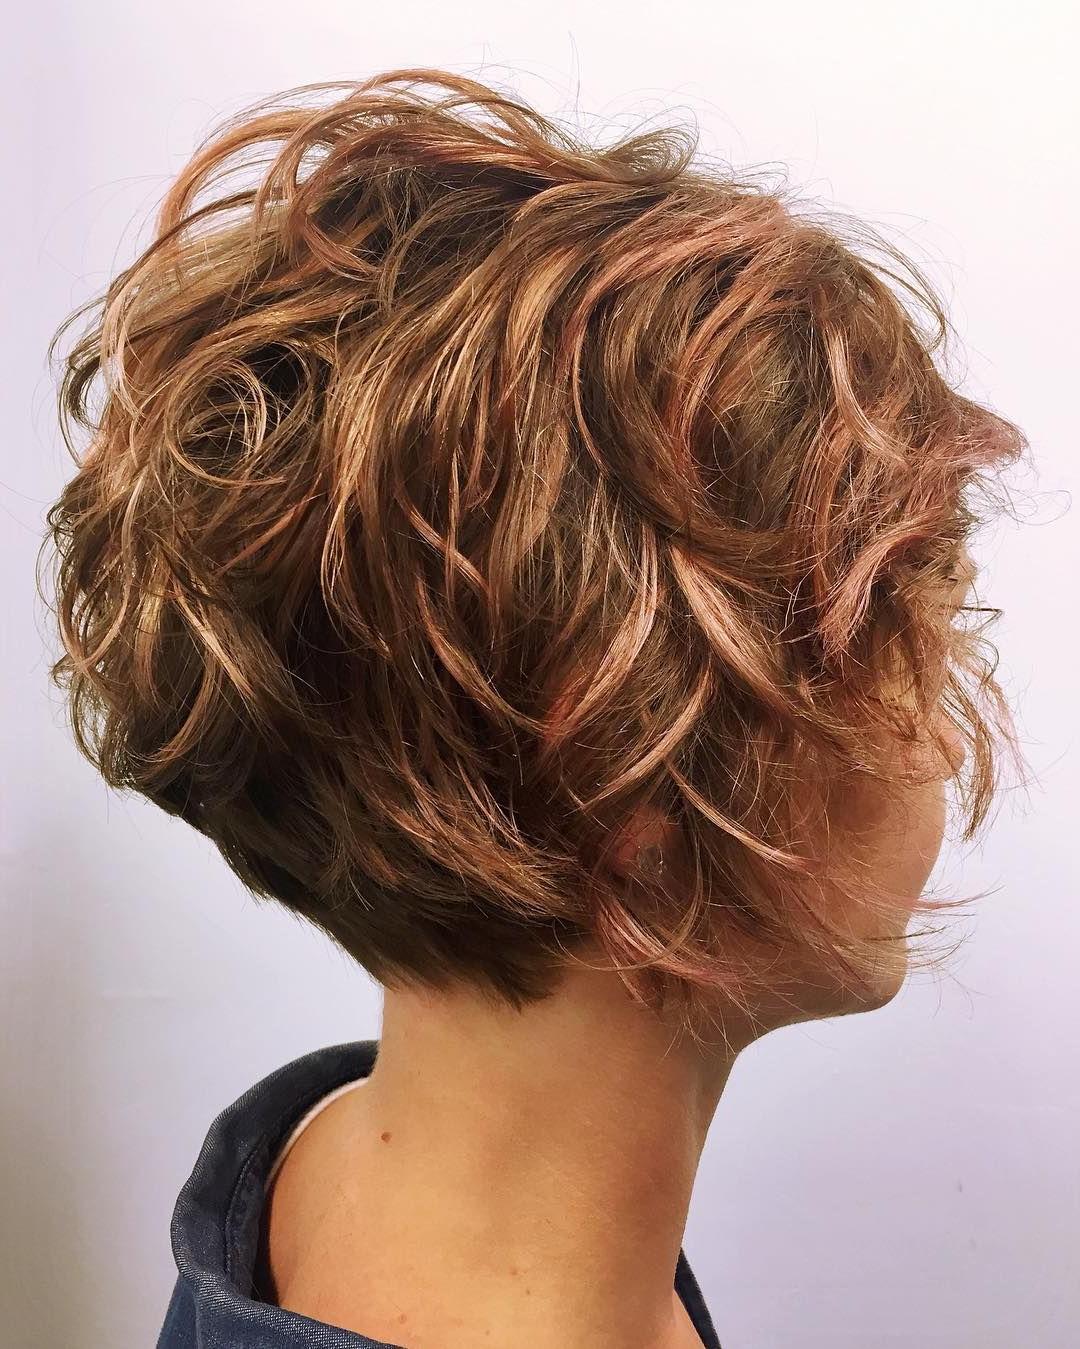 50 Chic Long And Short Layered Bob Haircuts — Dazzle With Layers Regarding Long And Short Layers (View 24 of 25)